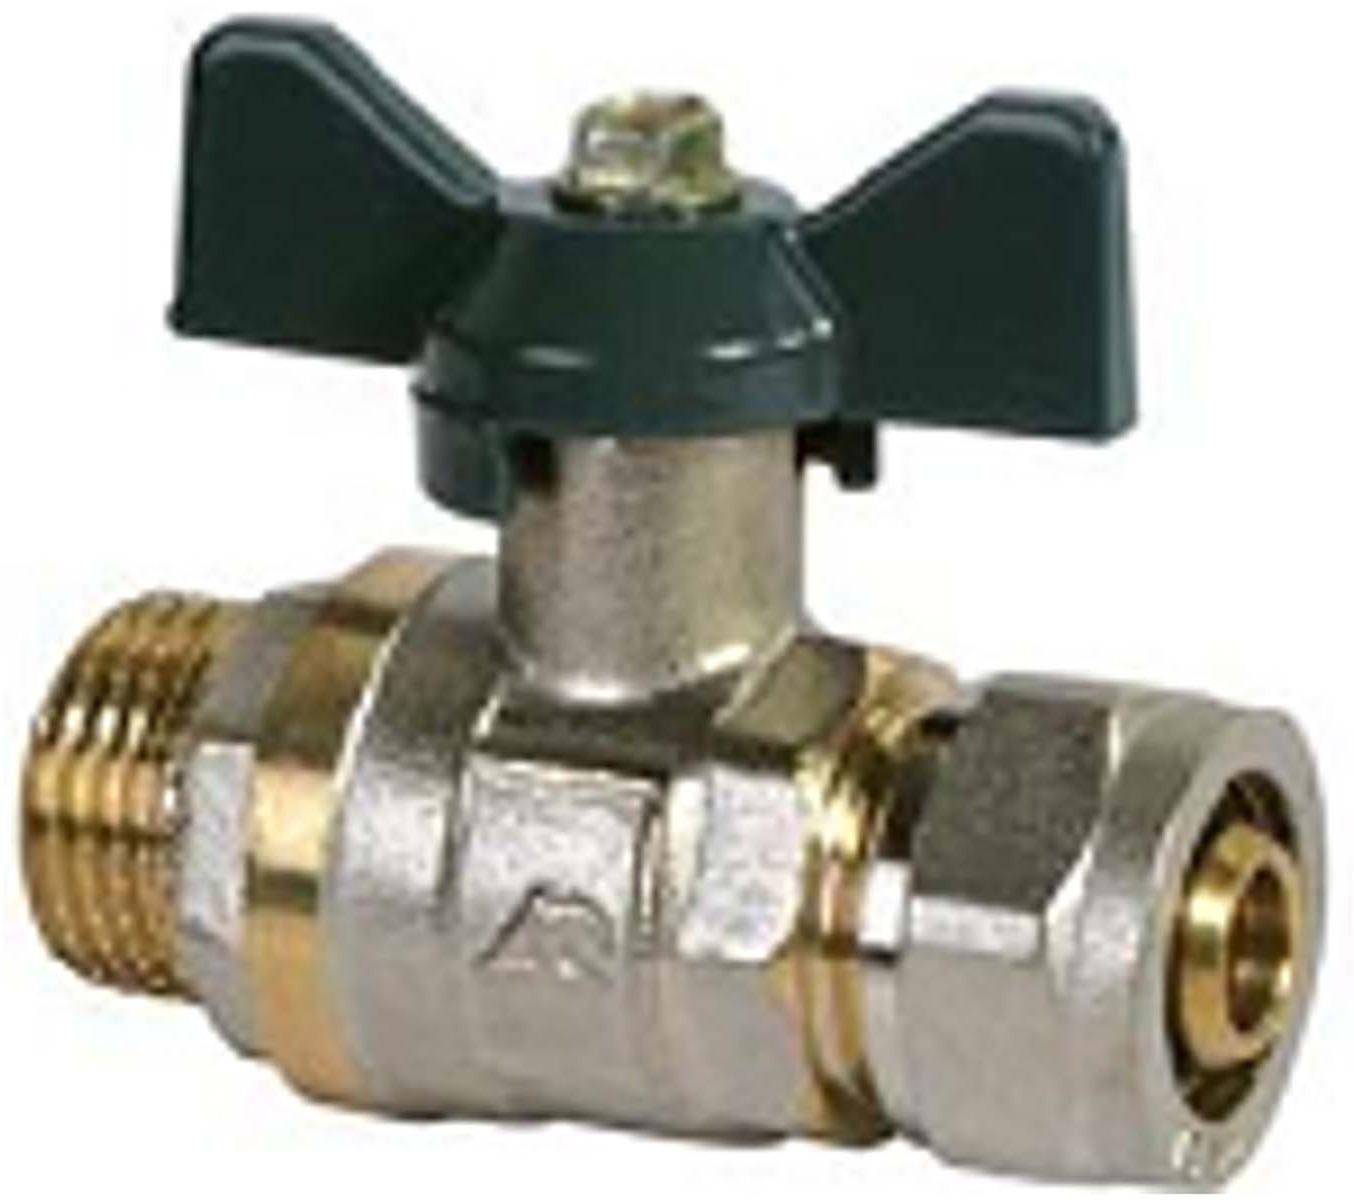 Кран шаровый RVC, под металлическую/пластиковую трубу, 16 х 1/2 ц/ш бант, MP-У соединитель rvc ц г внутренняя резьба 20 мм х 1 2